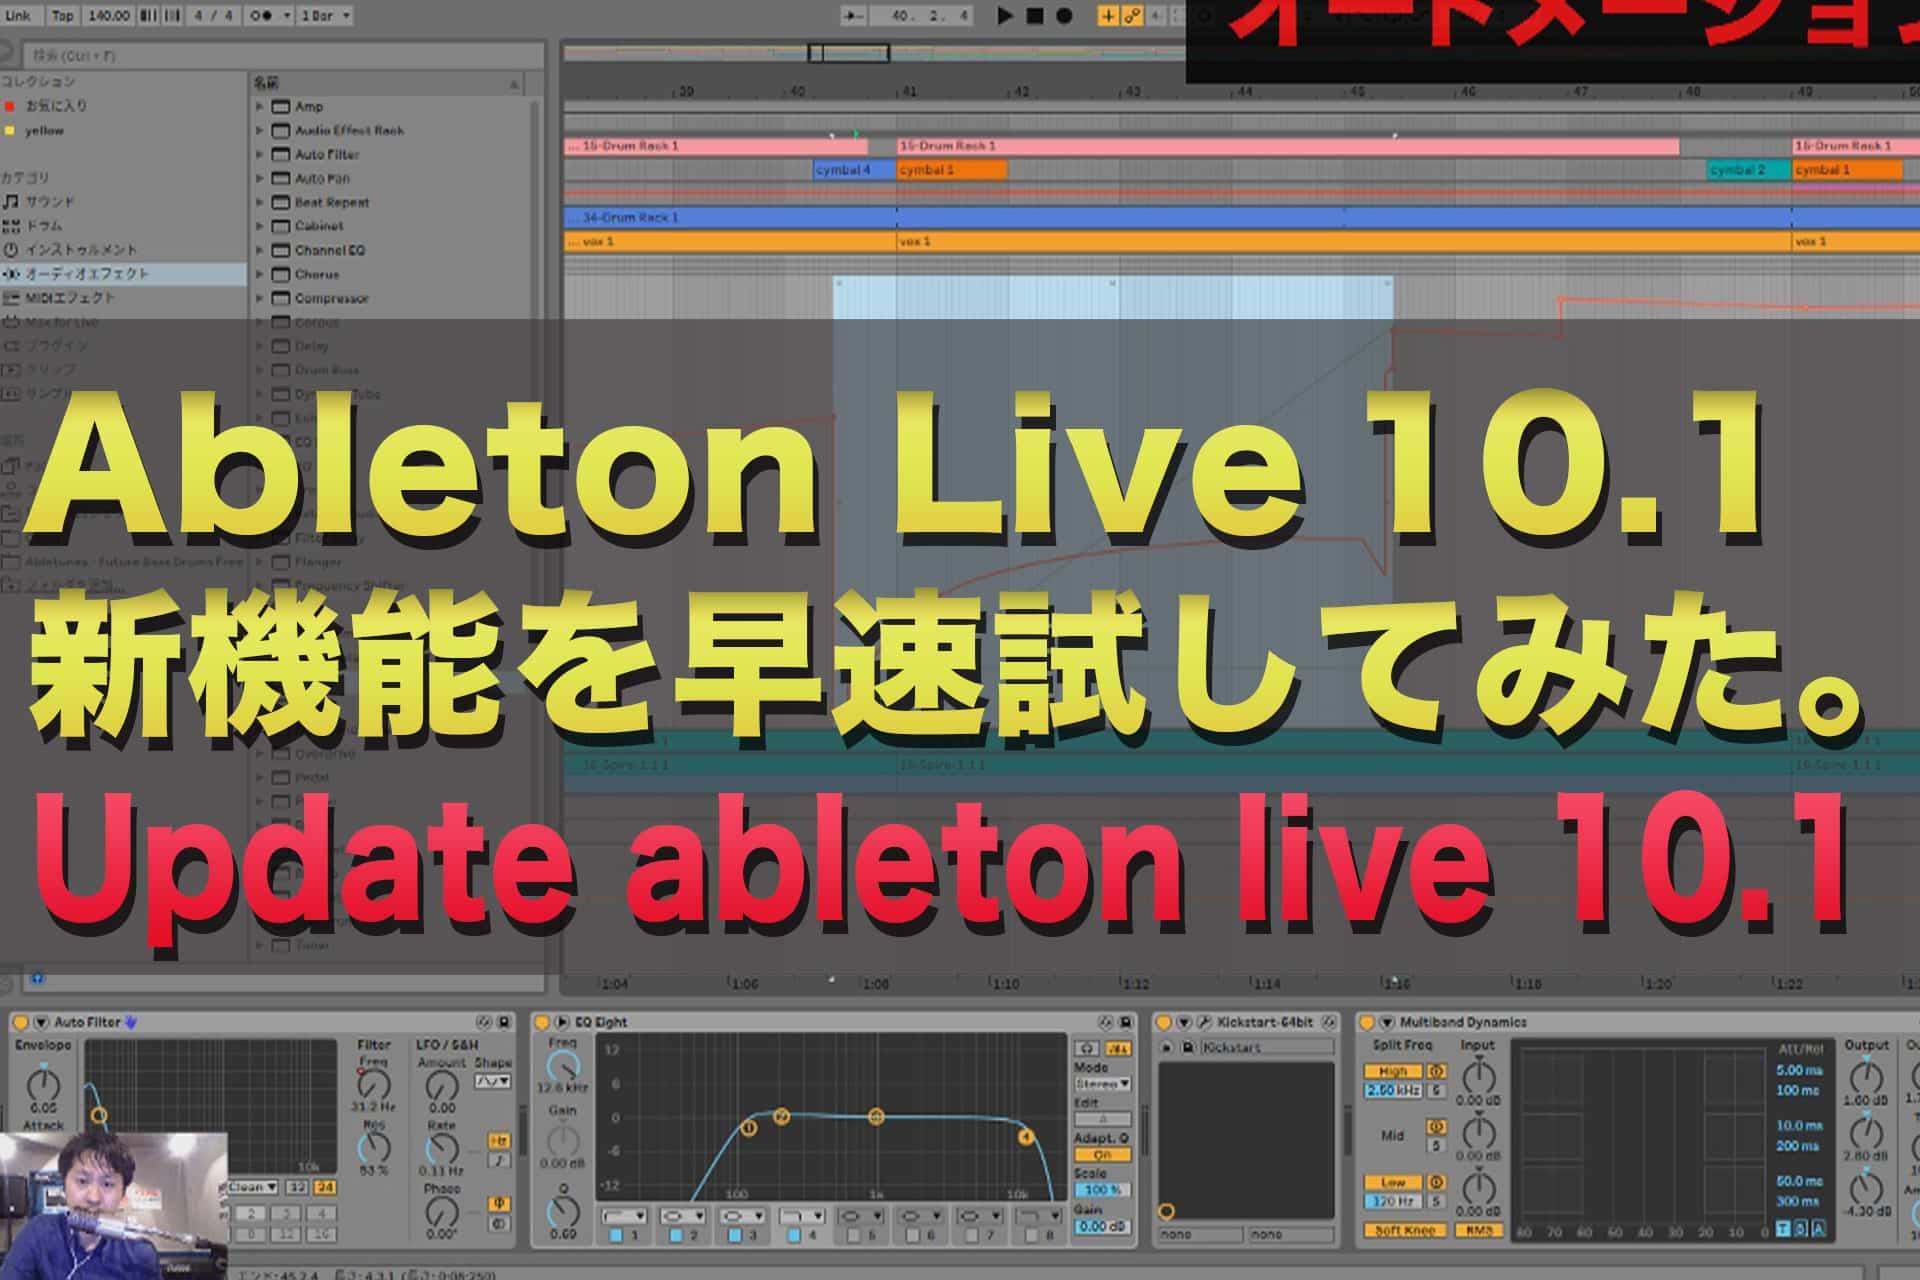 【動画解説!】Ableton Live 10.1 新機能を早速試してみた。新機能をレビュー! | Update ableton live 10.1 REVIEW